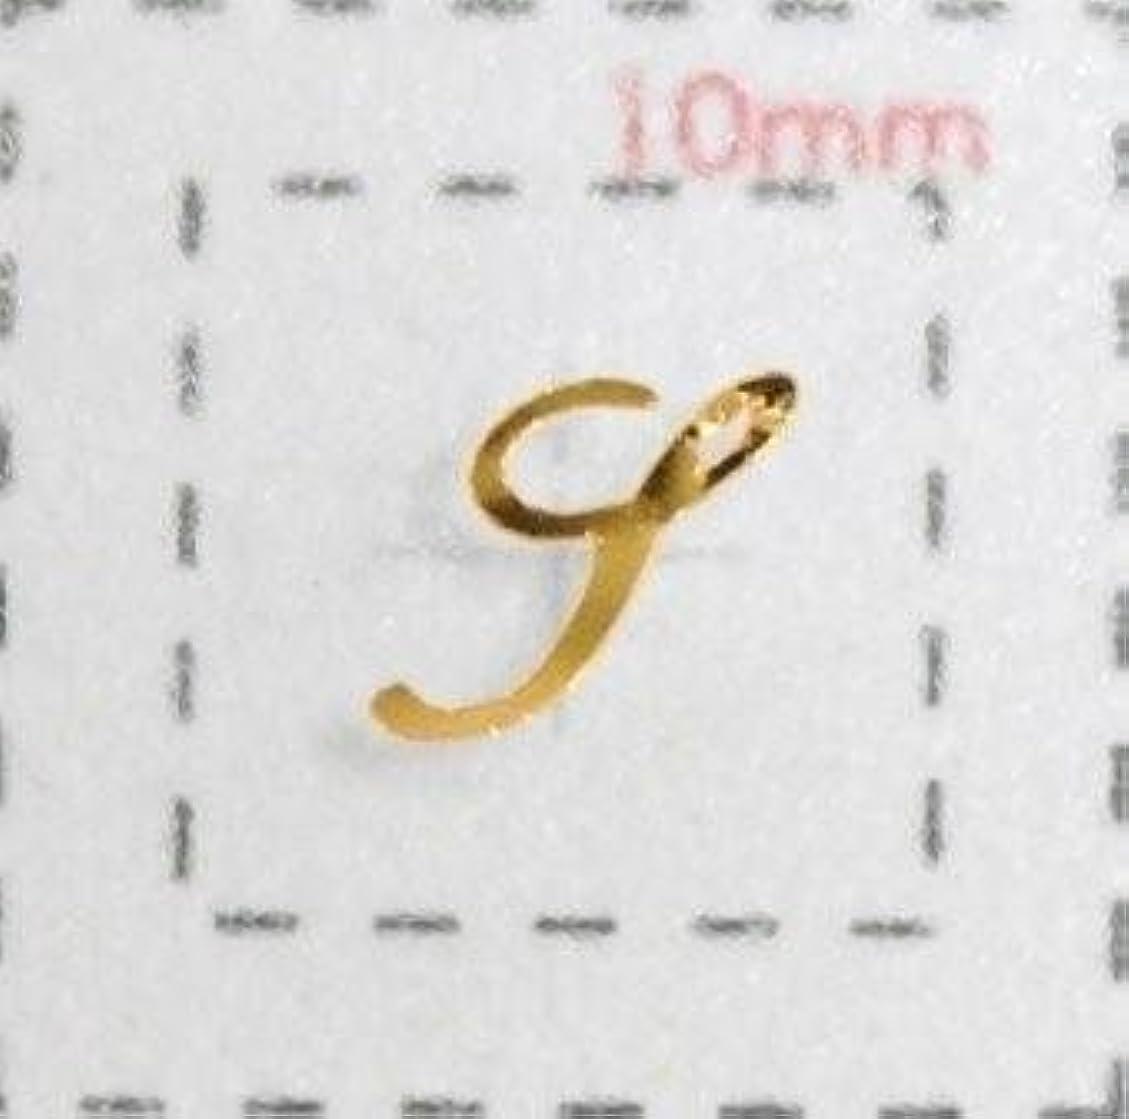 結果鈍い意味のあるNameネイルシール【アルファベット?イニシャル】大文字ゴールド( S )1シート9枚入